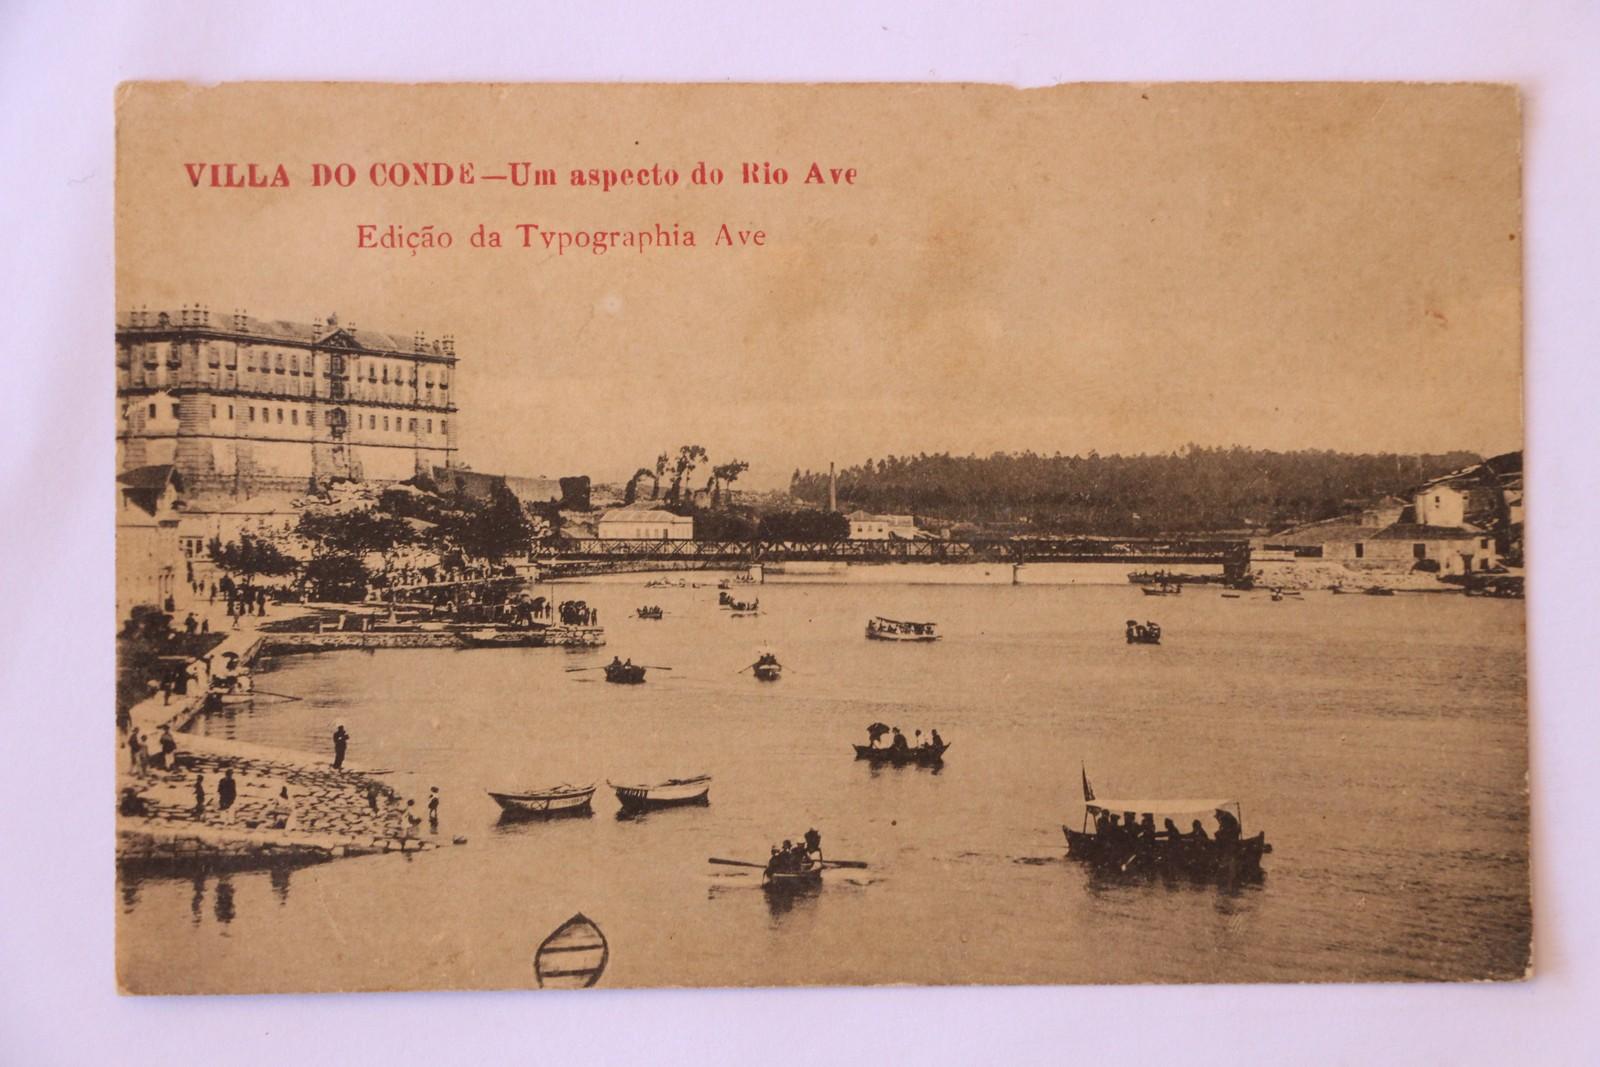 Villa do Conde - Um aspecto do Rio Ave - postal